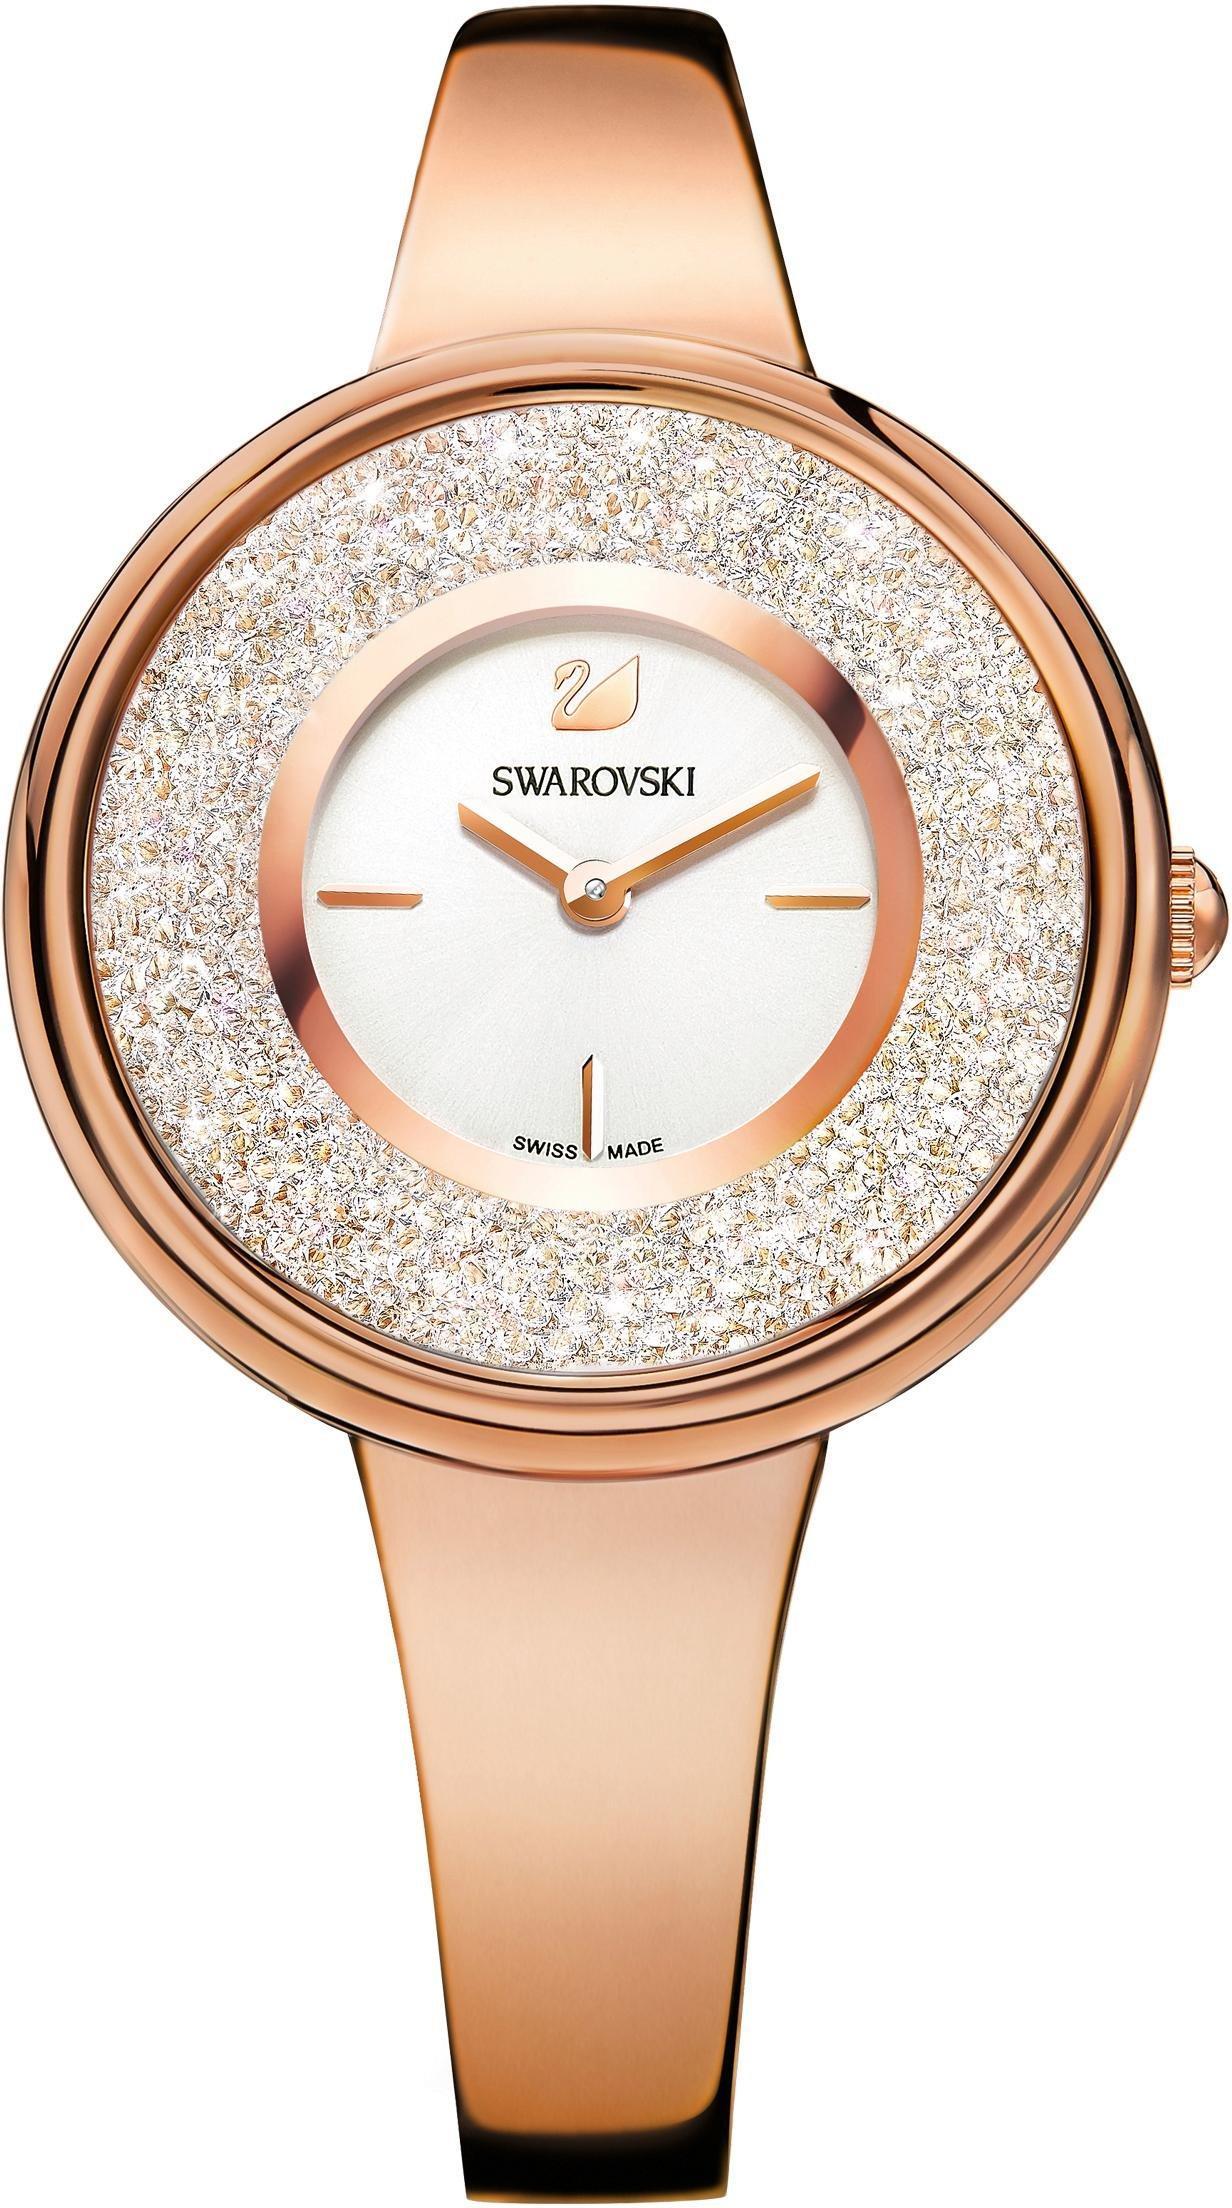 Swarovski Schweizer Uhr Crystalline Pure Uhr Metallarmband weiss roséfarben 5269250